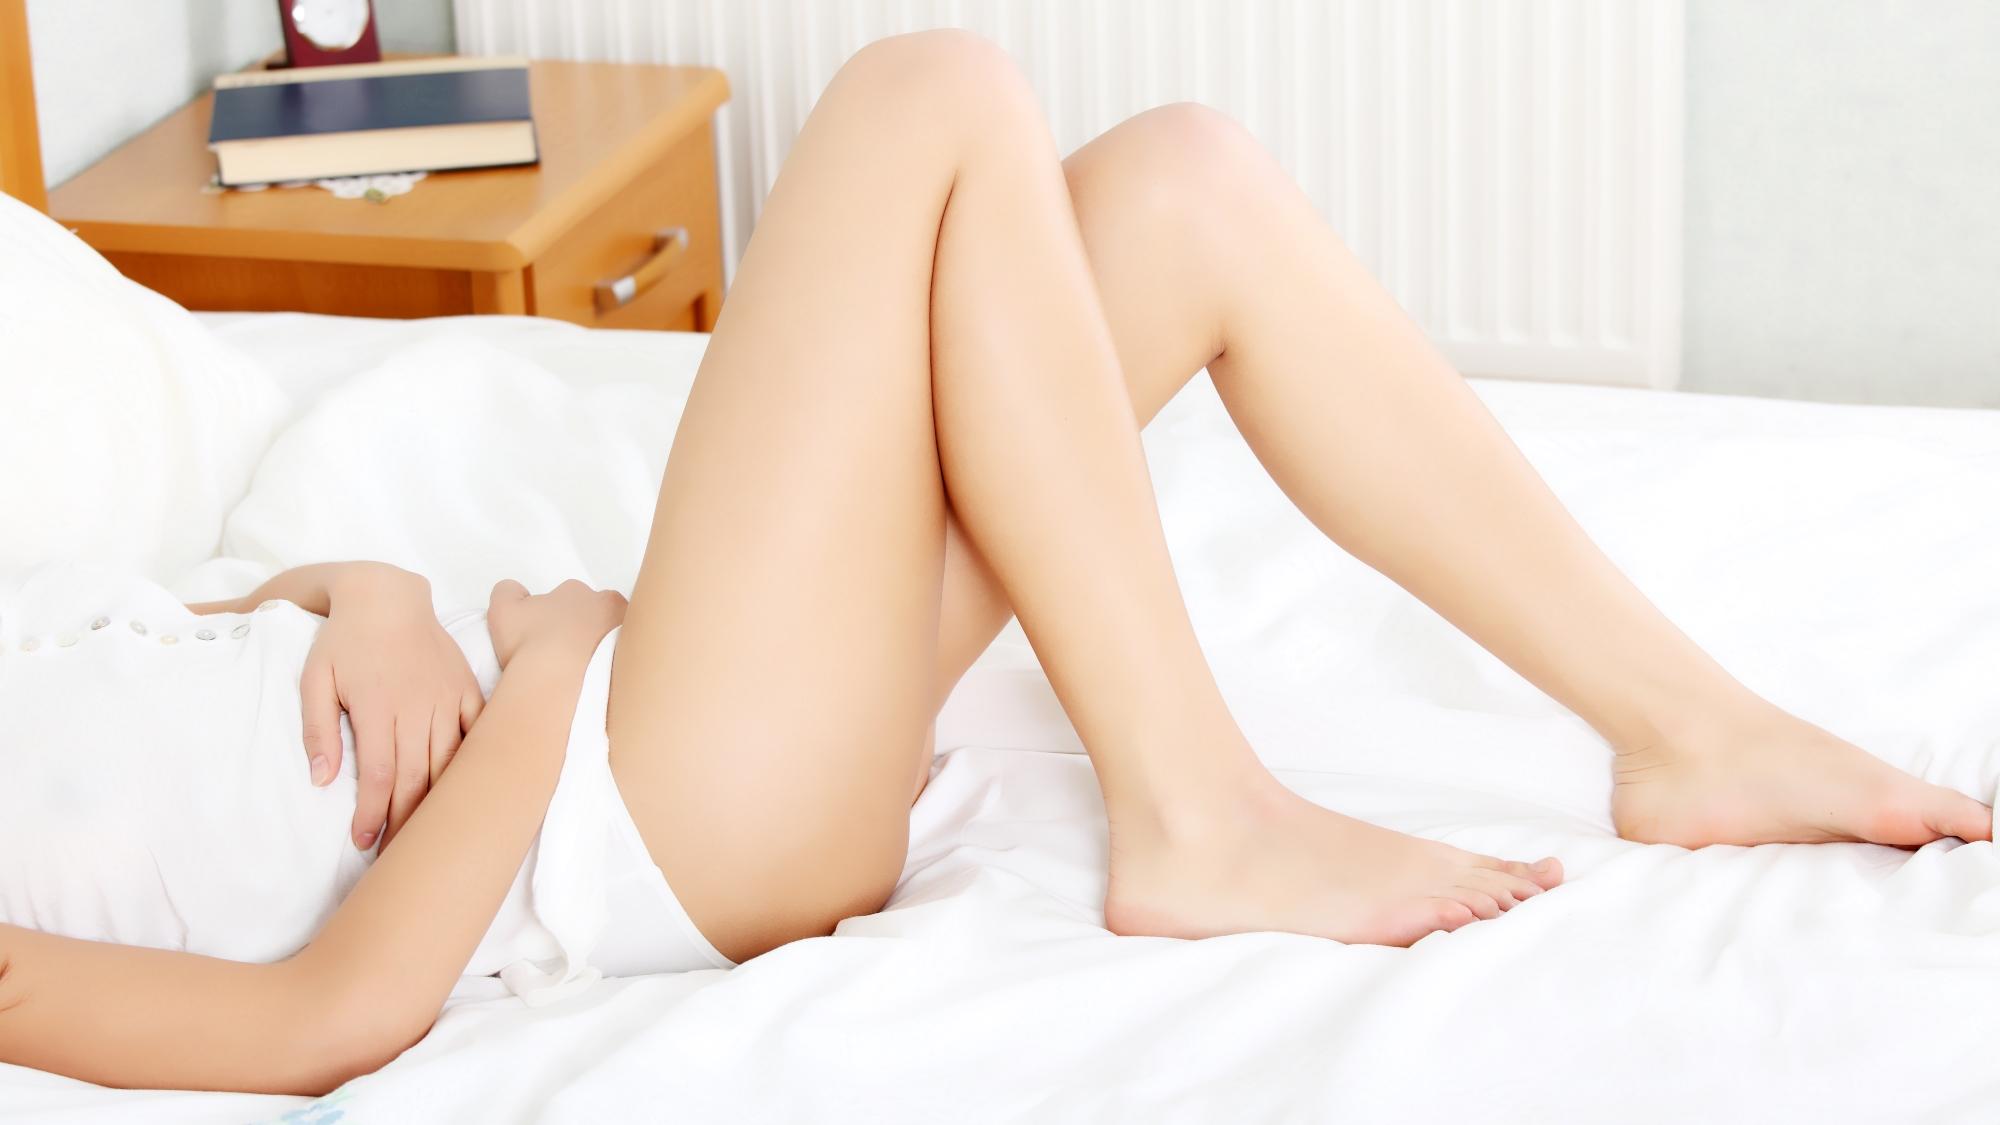 Гиперплазия эндометрия – это болезнь, при которой наблюдается патологическое и болезнетворное разрастание матки, а точнее – ее внутреннего слоя.